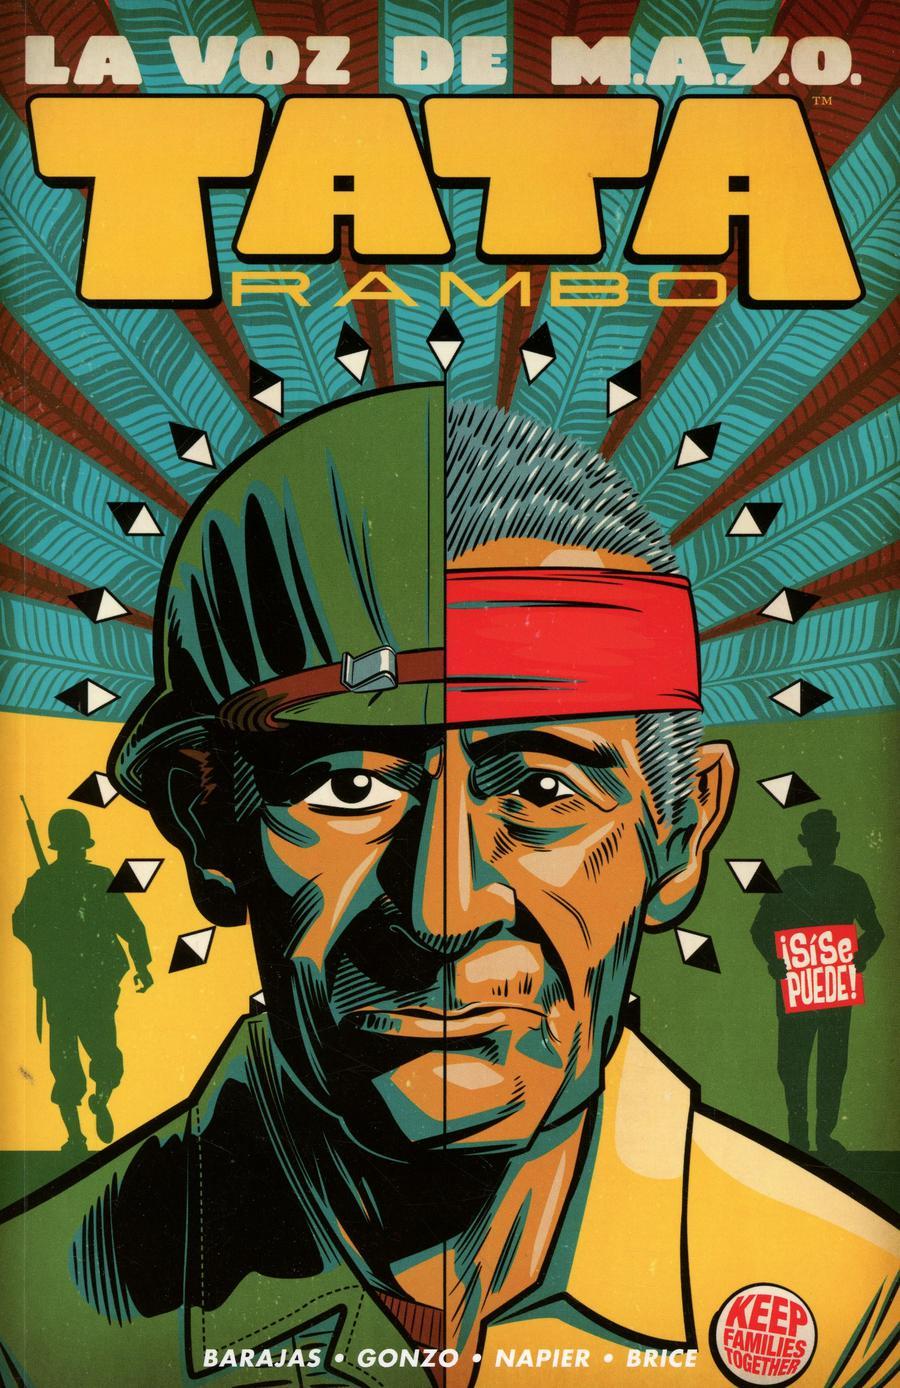 La Voz De M.A.Y.O. Tata Rambo Vol 1 TP